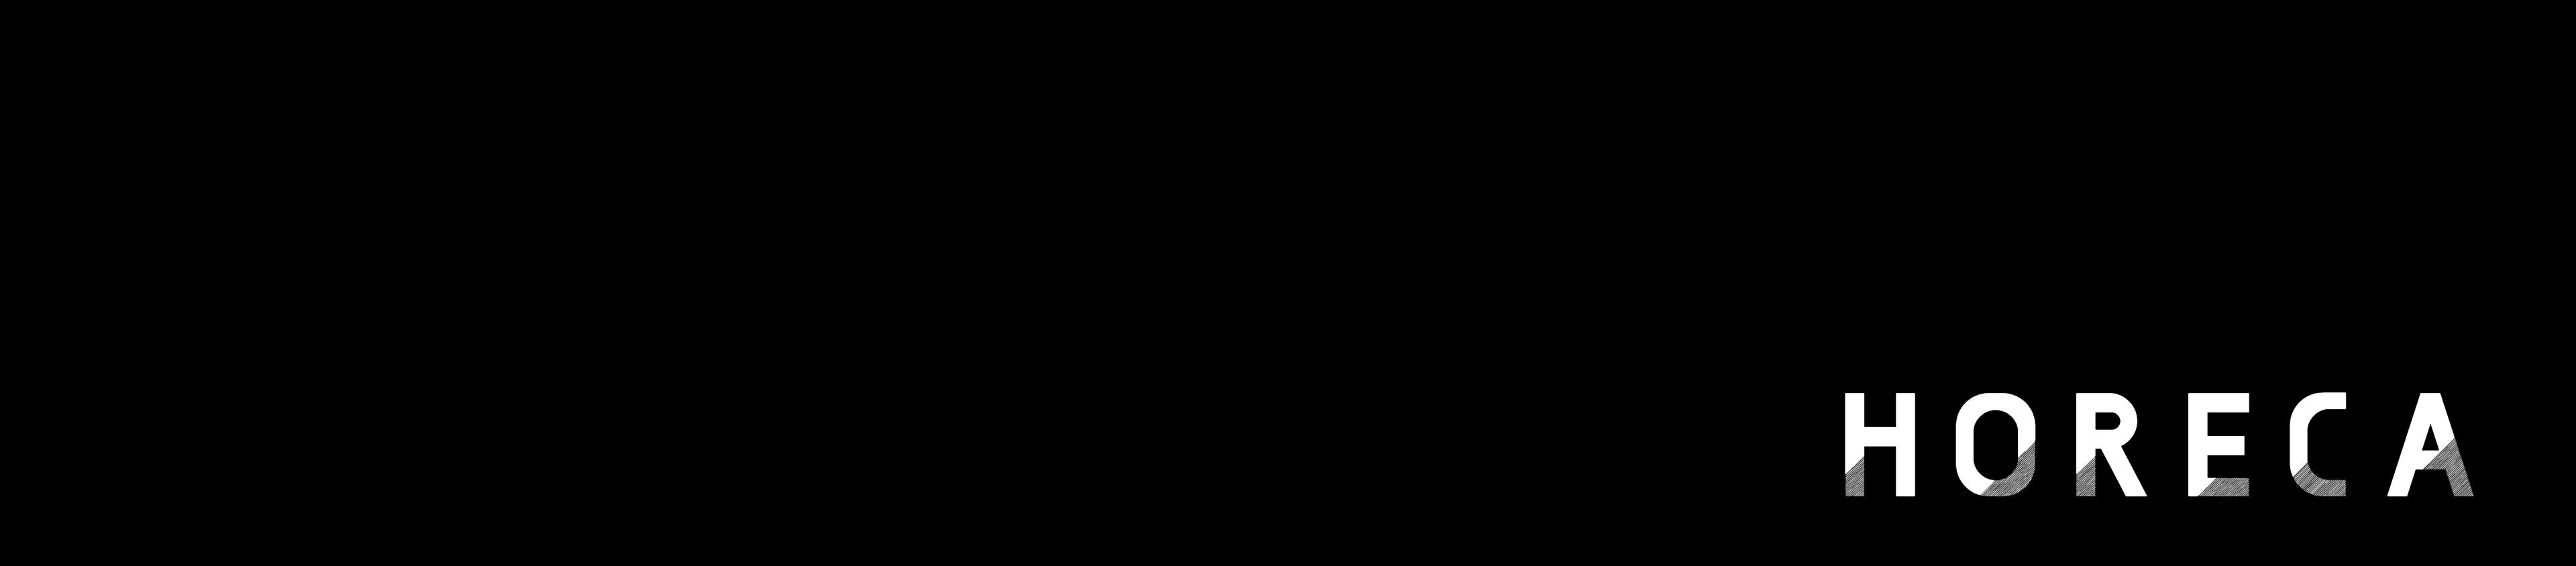 E-horeca